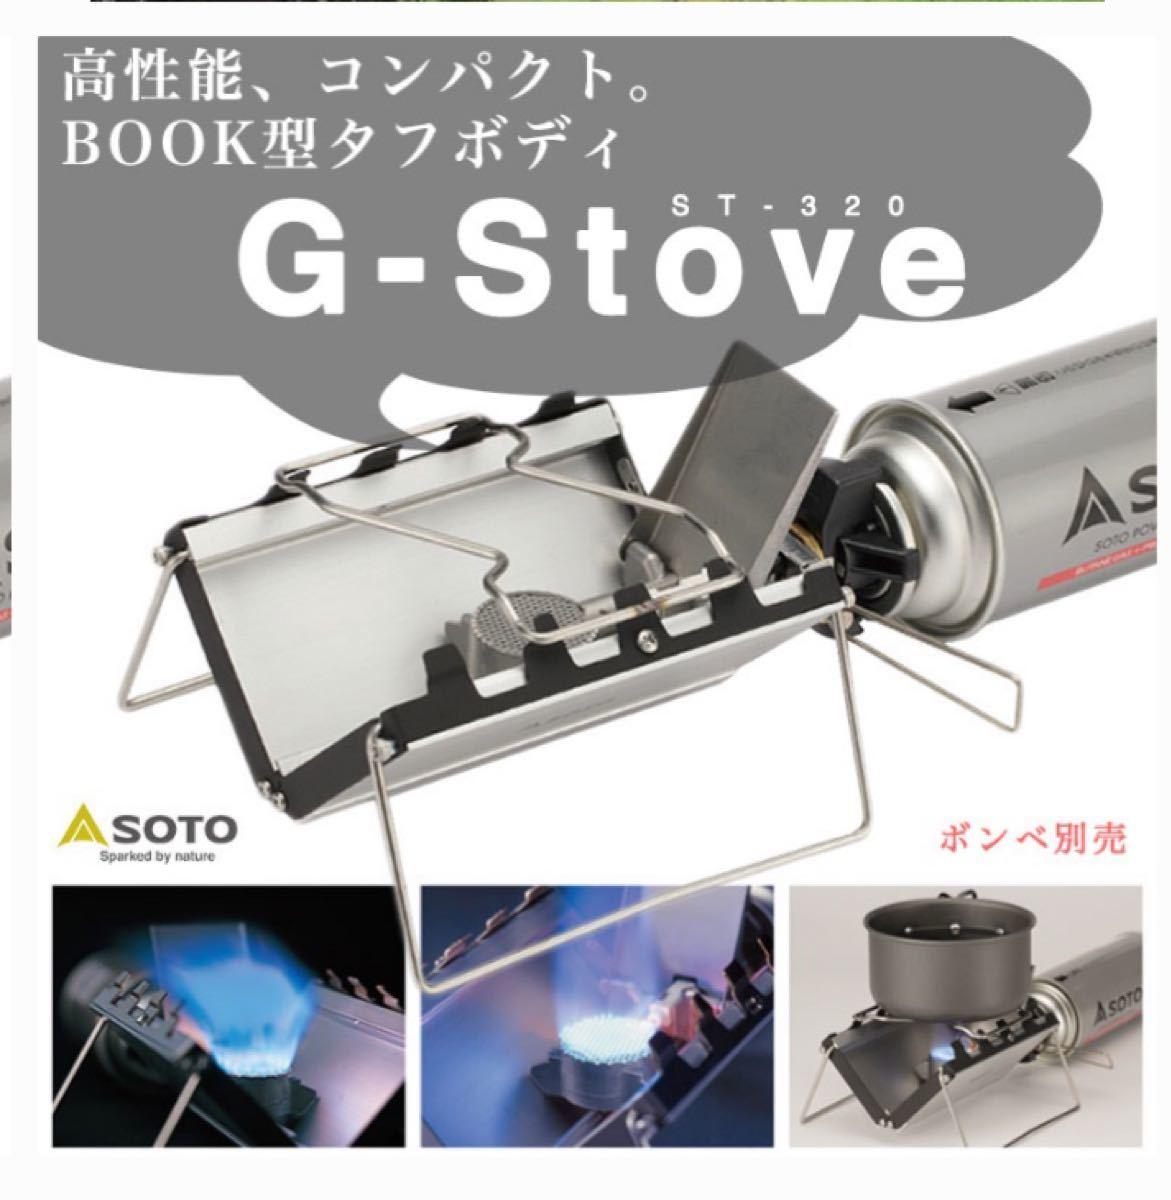 SOTO シングルバーナー ST-320  G-Stove  新富士バーナー 新品未開封